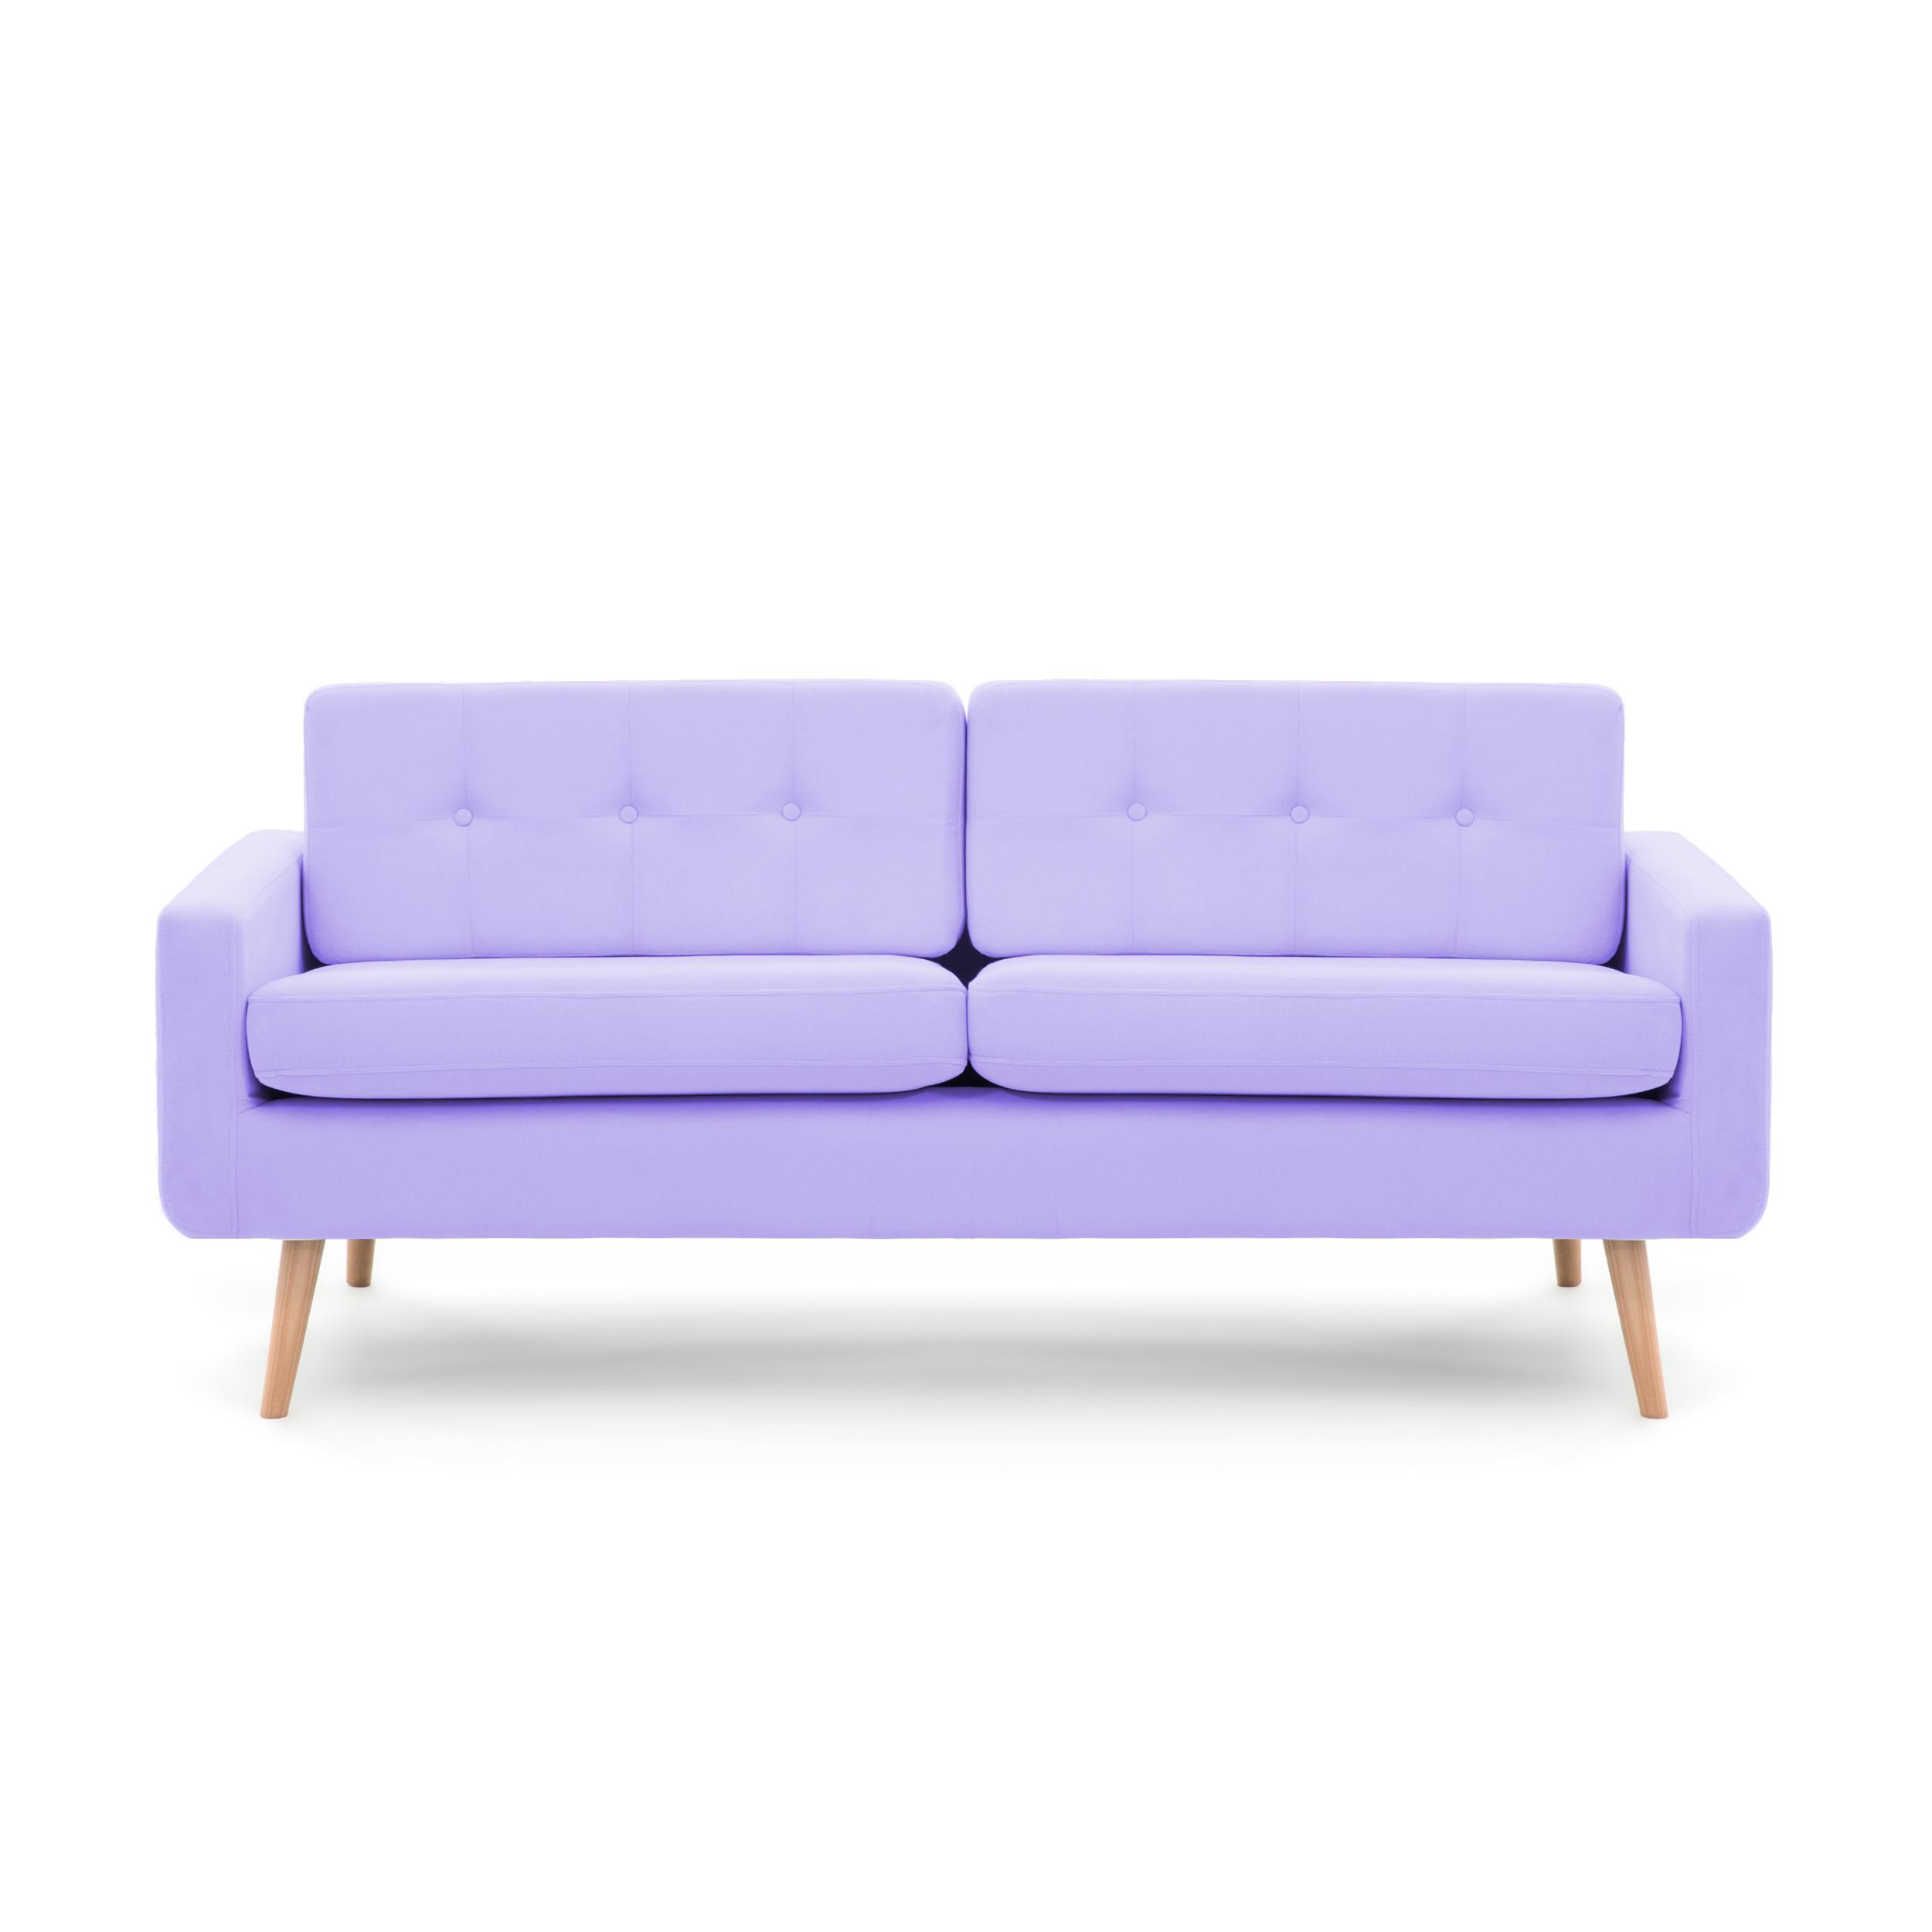 Canapea Fixa 3 locuri Ina Pastel Purple